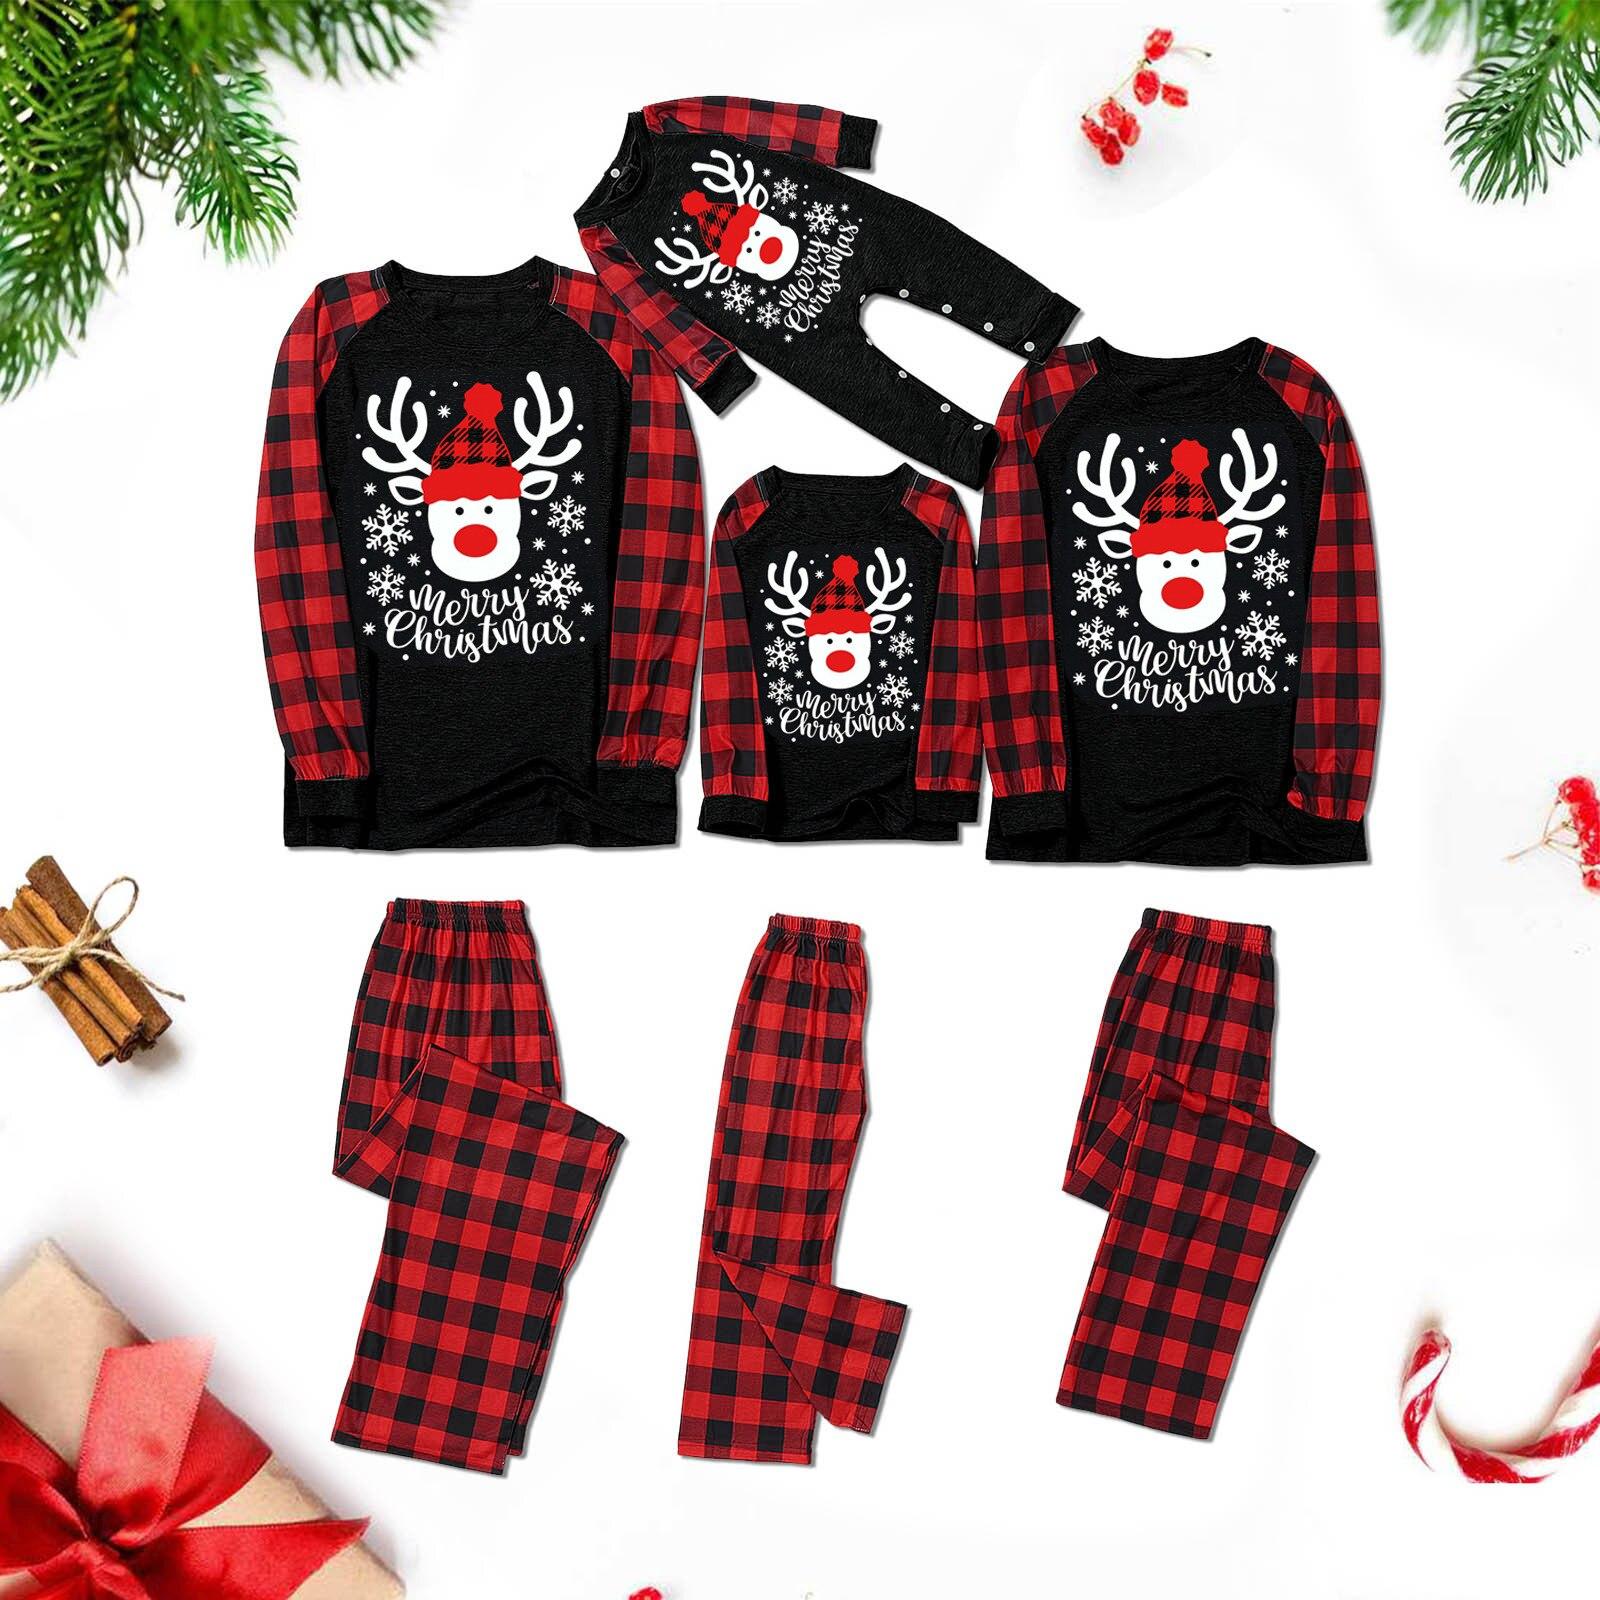 Noël parent-enfant vêtements 2020 parents et enfants tête de mouton imprimé chemise à carreaux T-shirt + pantalon pyjamas ensemble maison